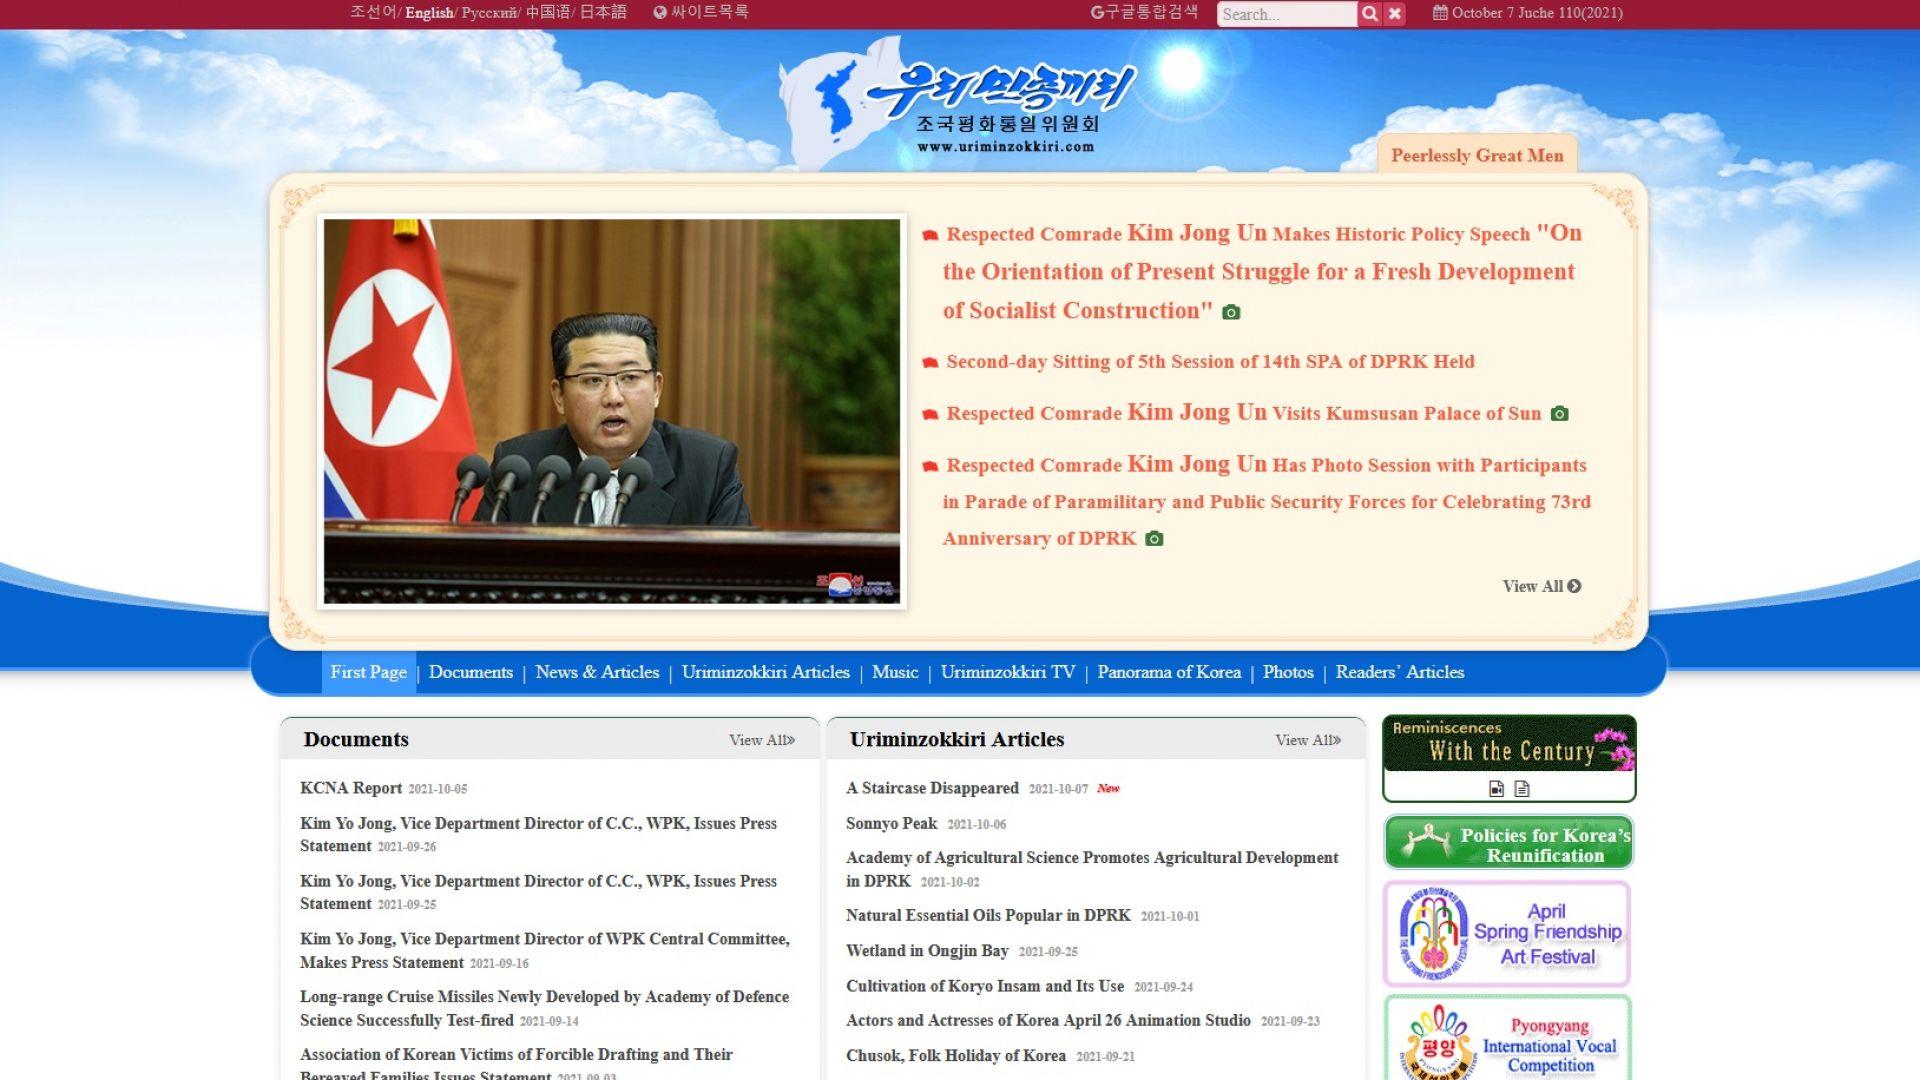 Началната страница на един от най-популярните севернокорейски сайтове